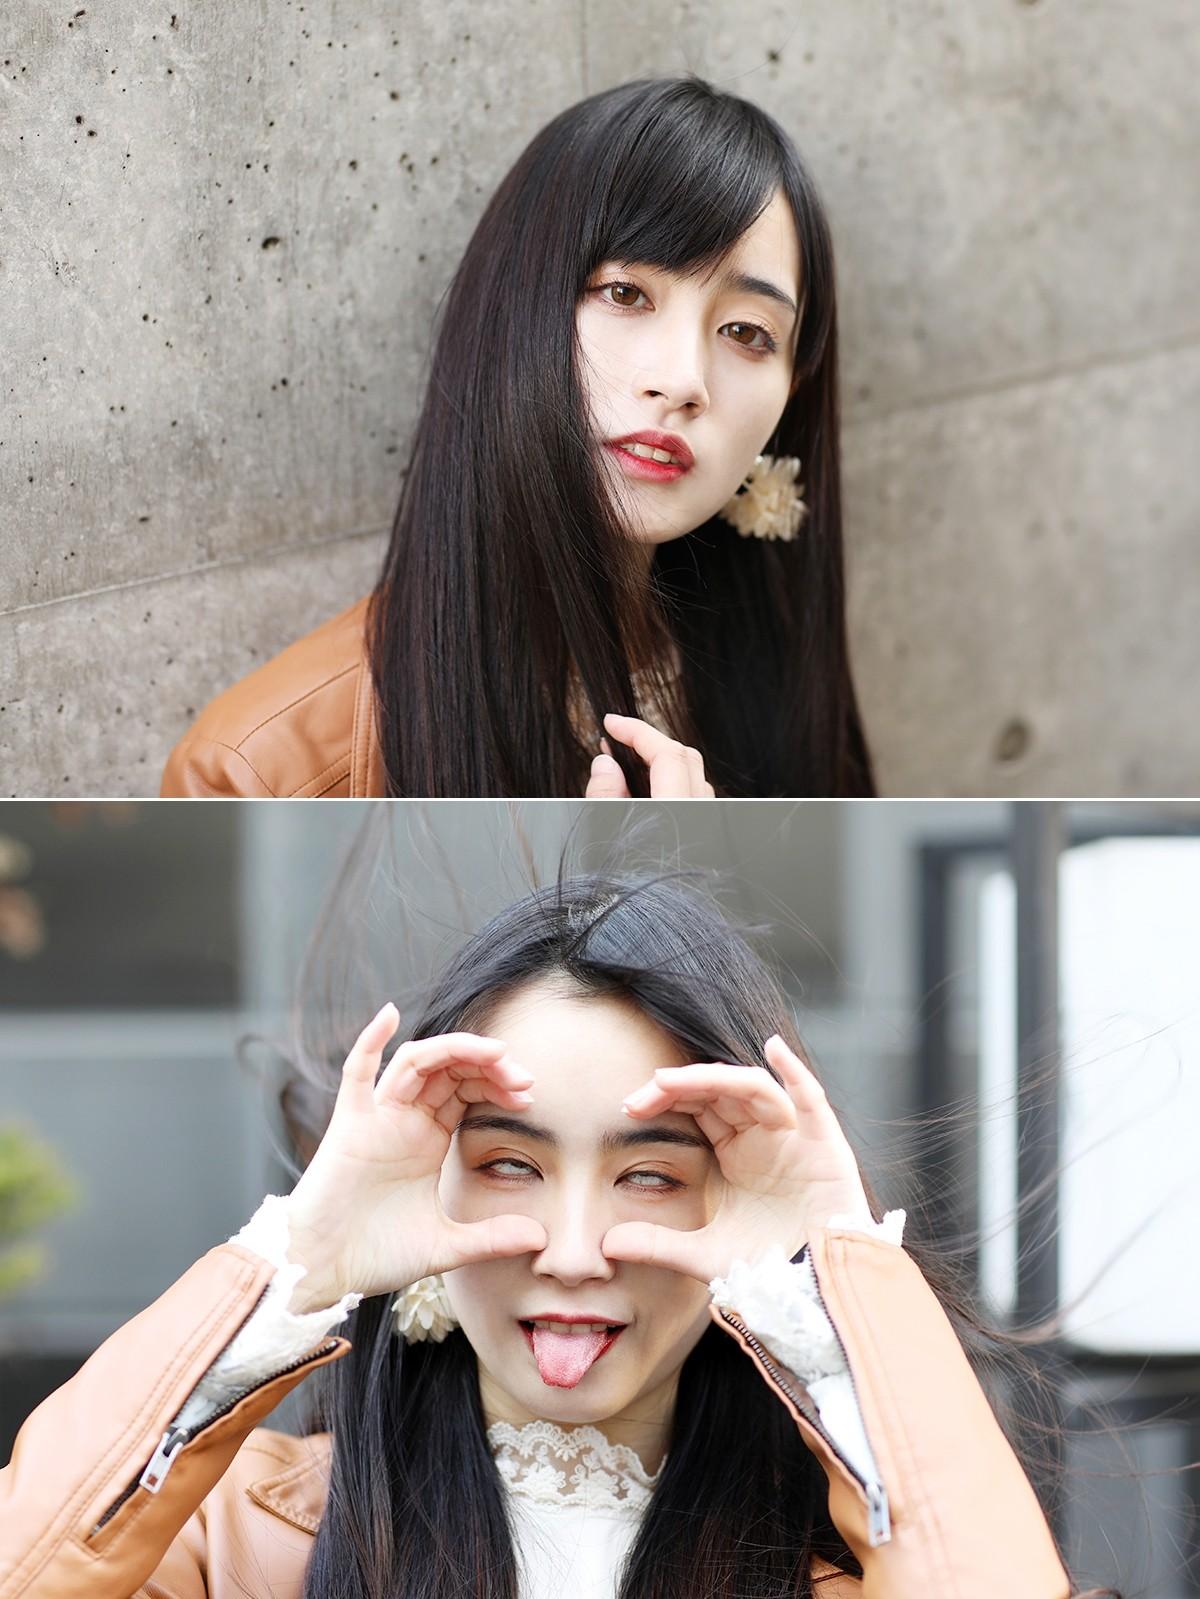 まぷさん(21)